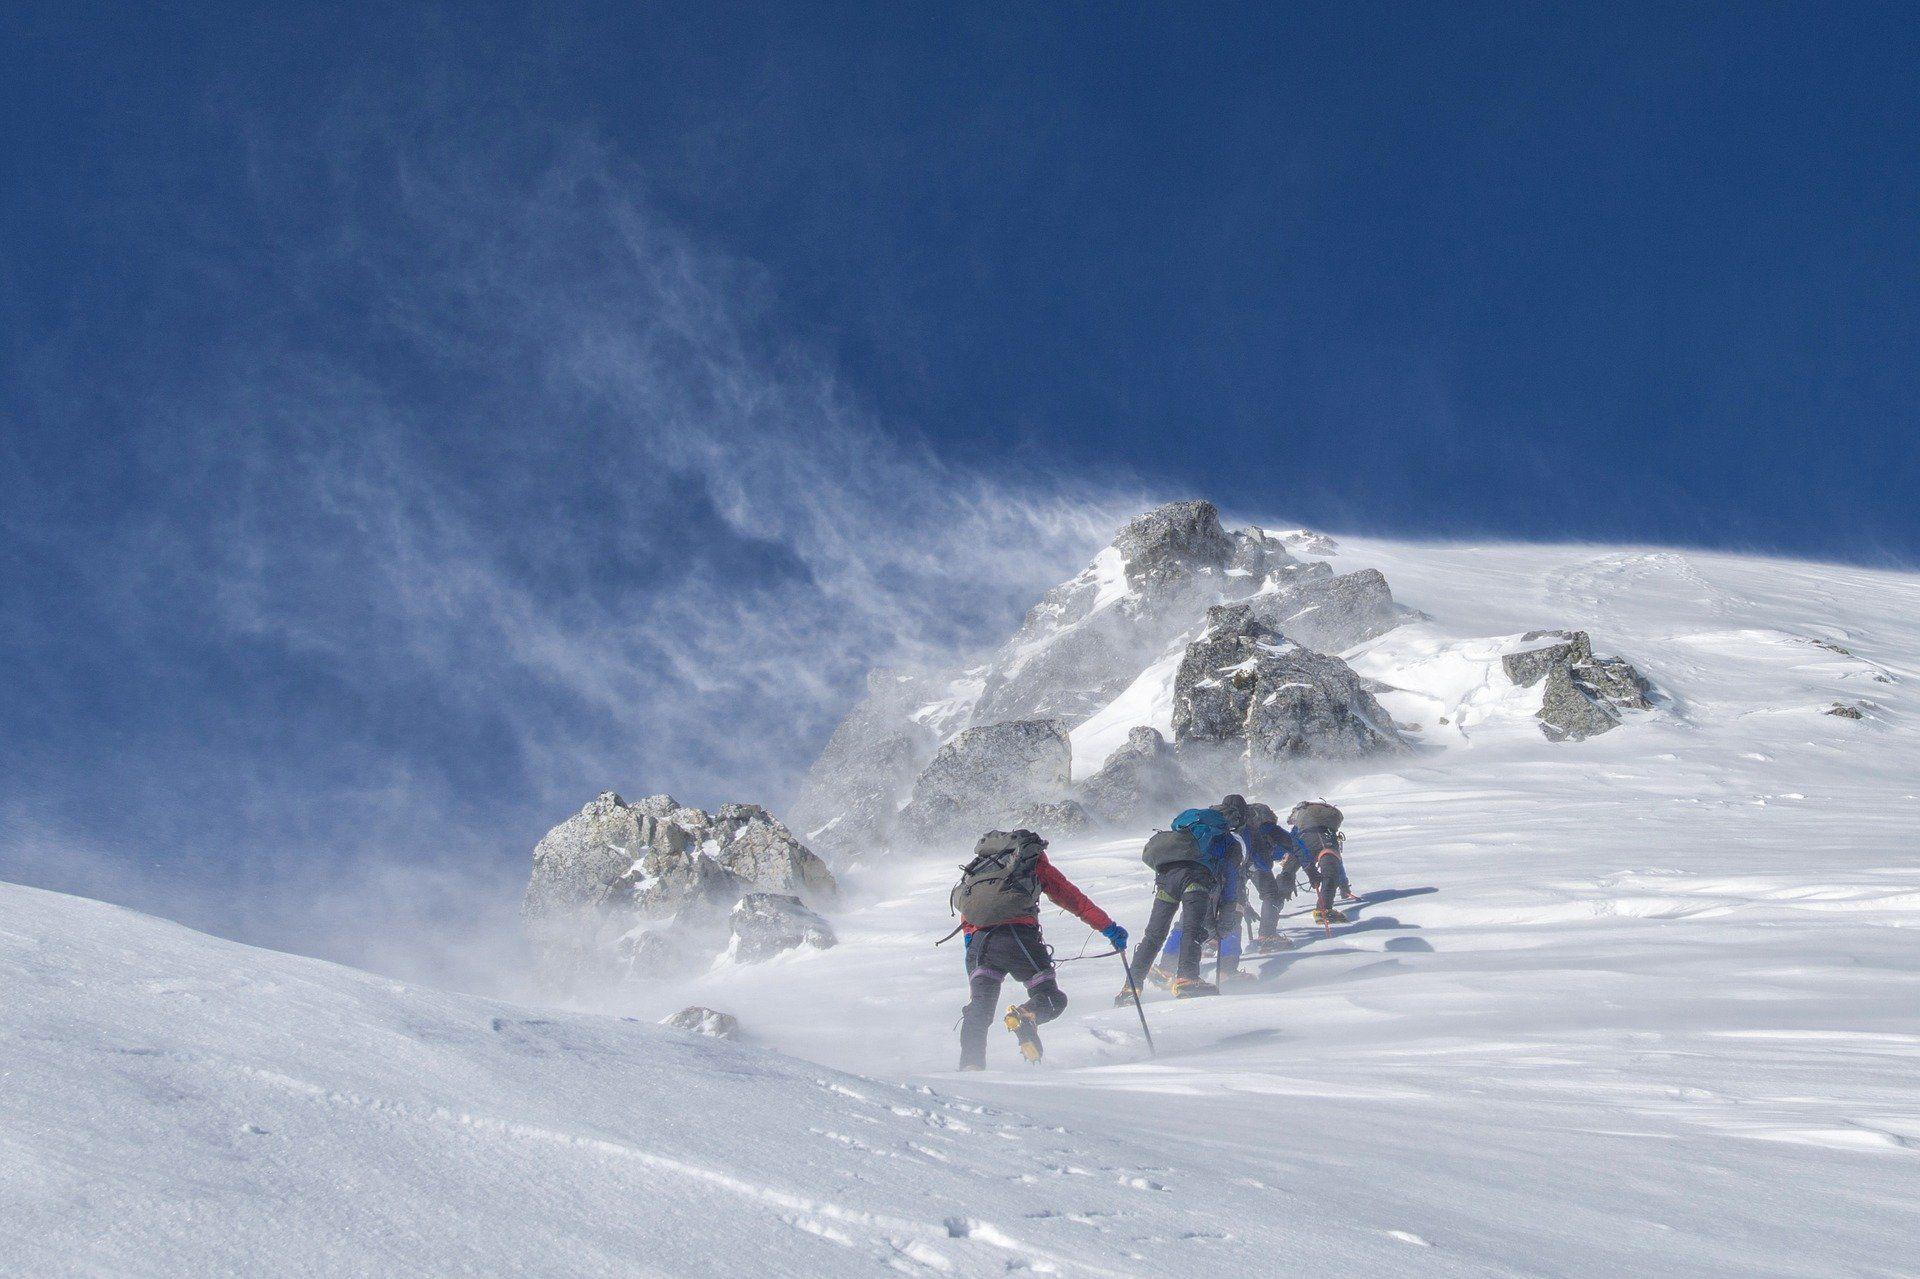 Vier Bergsteiger klettern einen Berg hoch